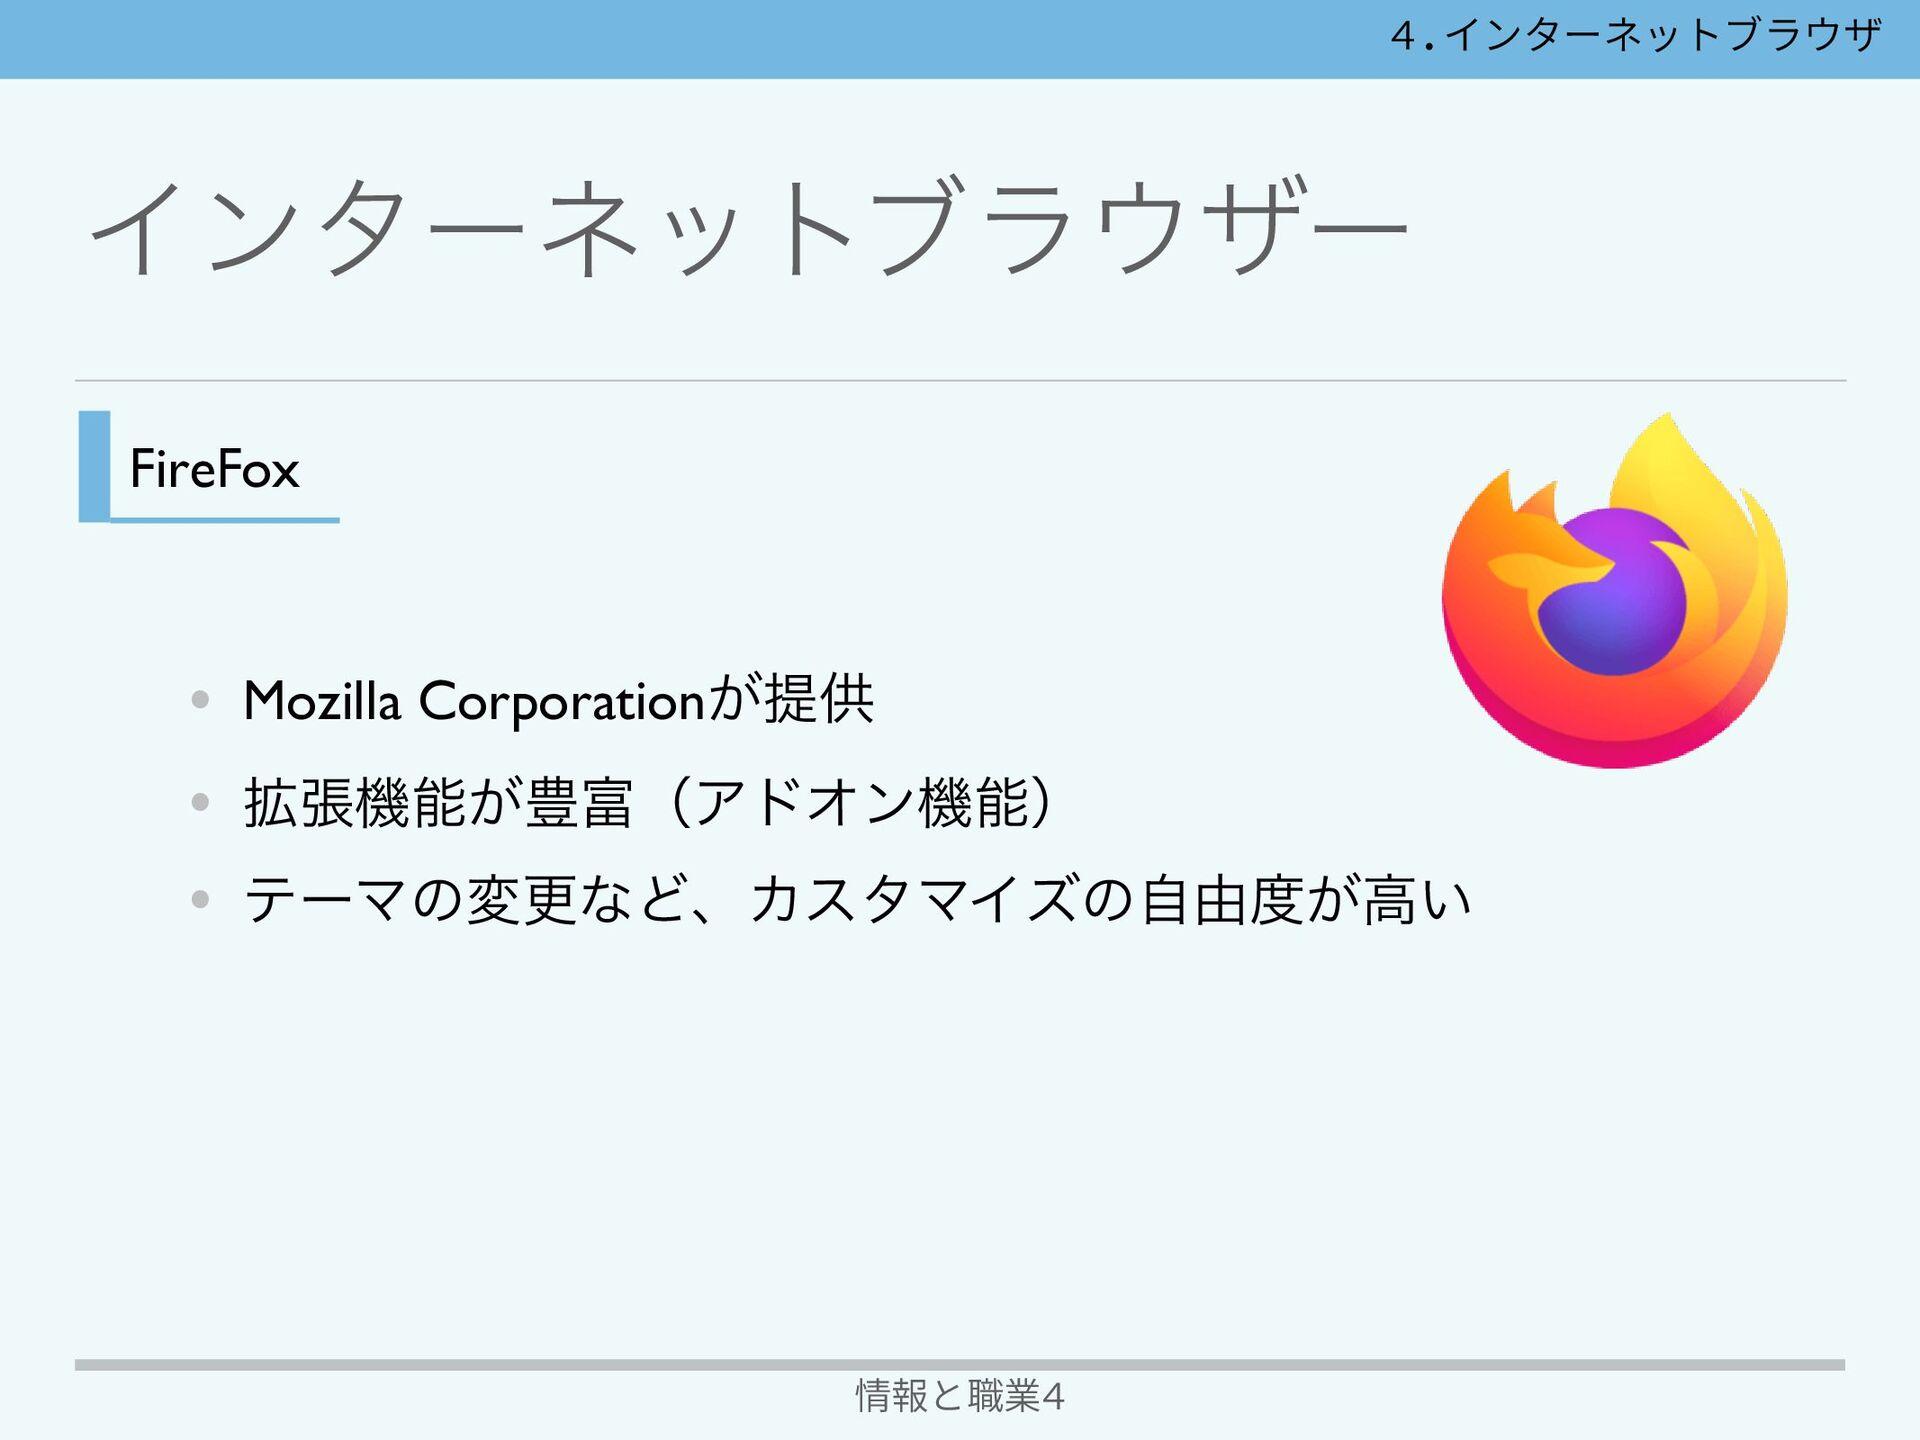 Πϯλʔωοτϒϥβʔ 情報と職業4 Safari • Apple͕ఏڙ • macOSɺi...